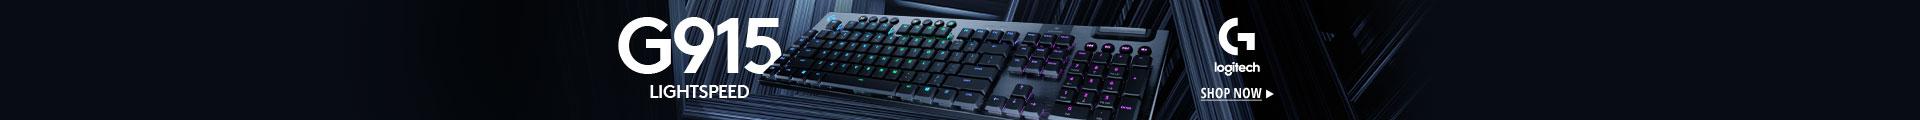 G915 Lightspeed